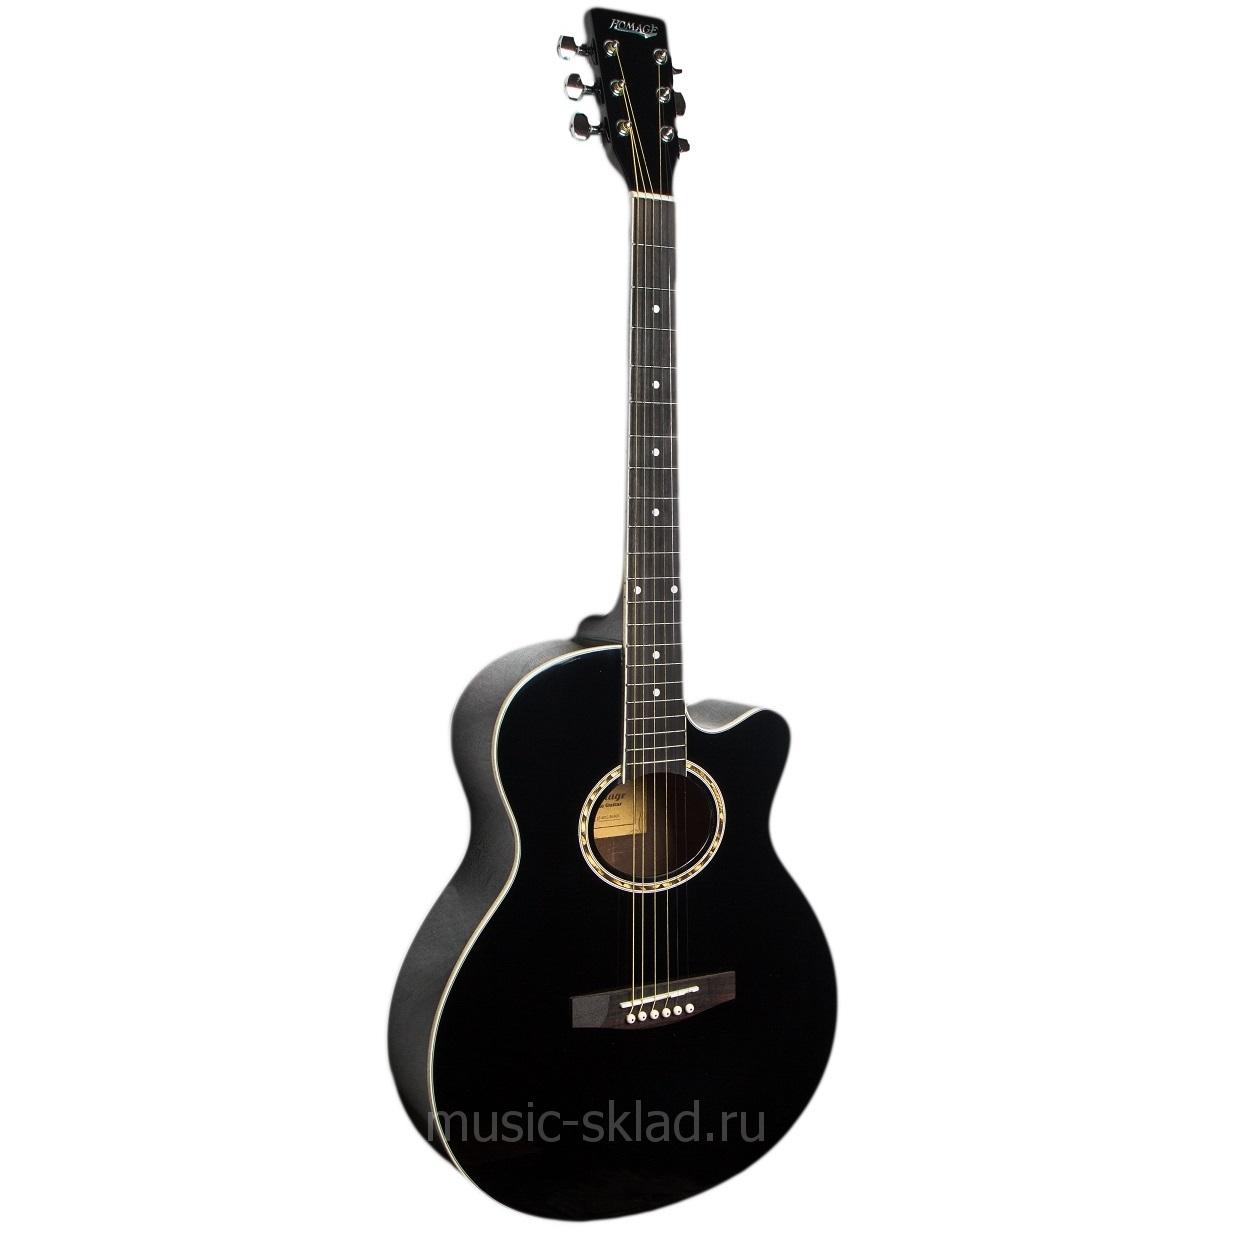 Большая акустическая гитара Homage LF-401C с чехлом